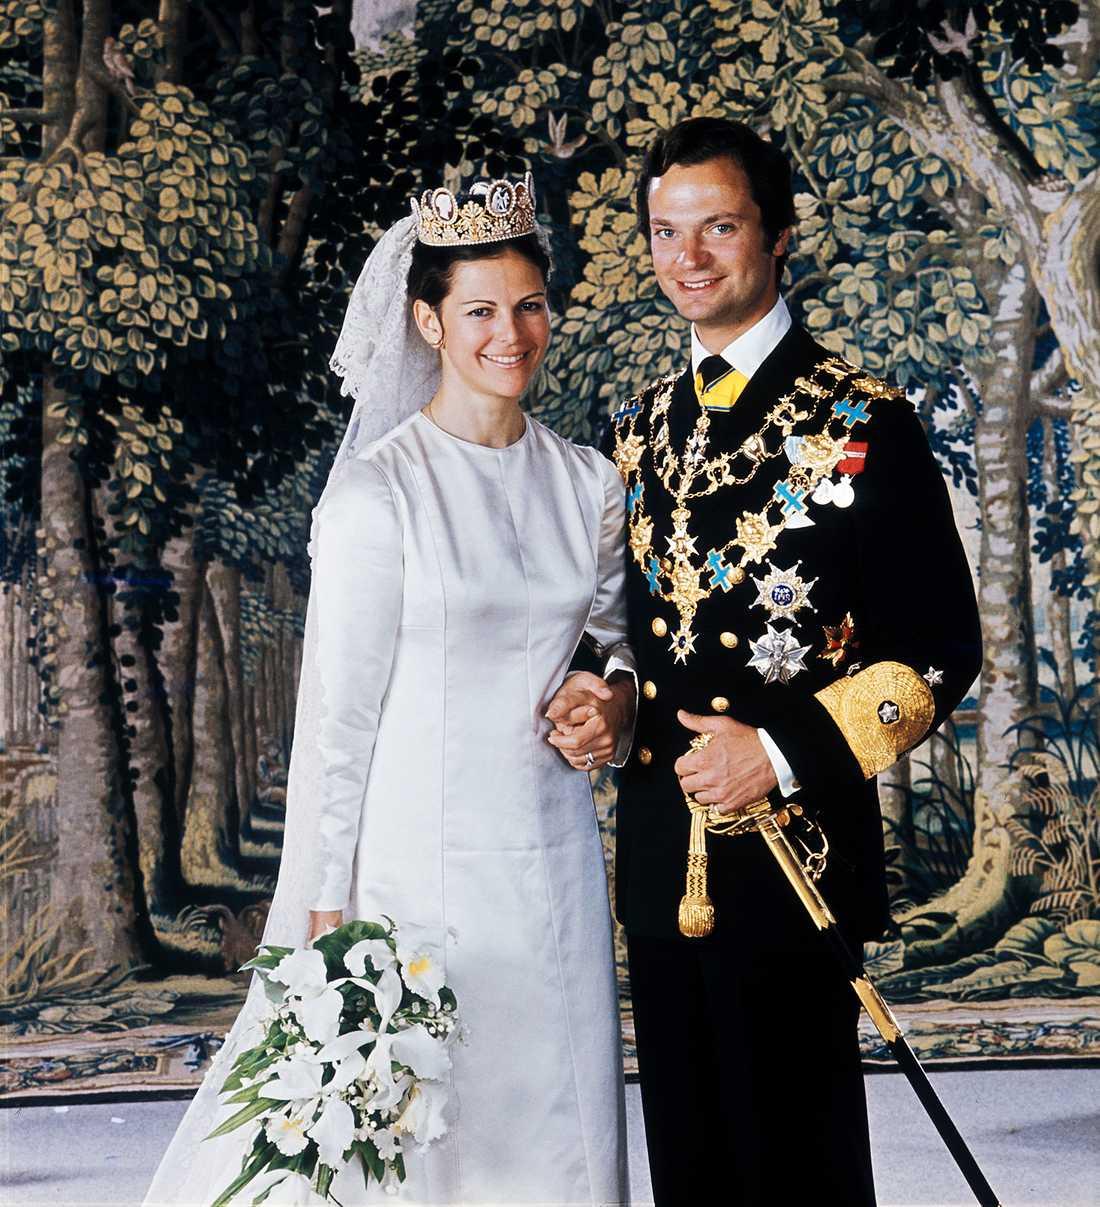 1976 fotograferade Lennart Nilsson den officiella bröllopsbilden på det svenska kungaparet drottning Silvia och kung Carl XVI Gustaf.